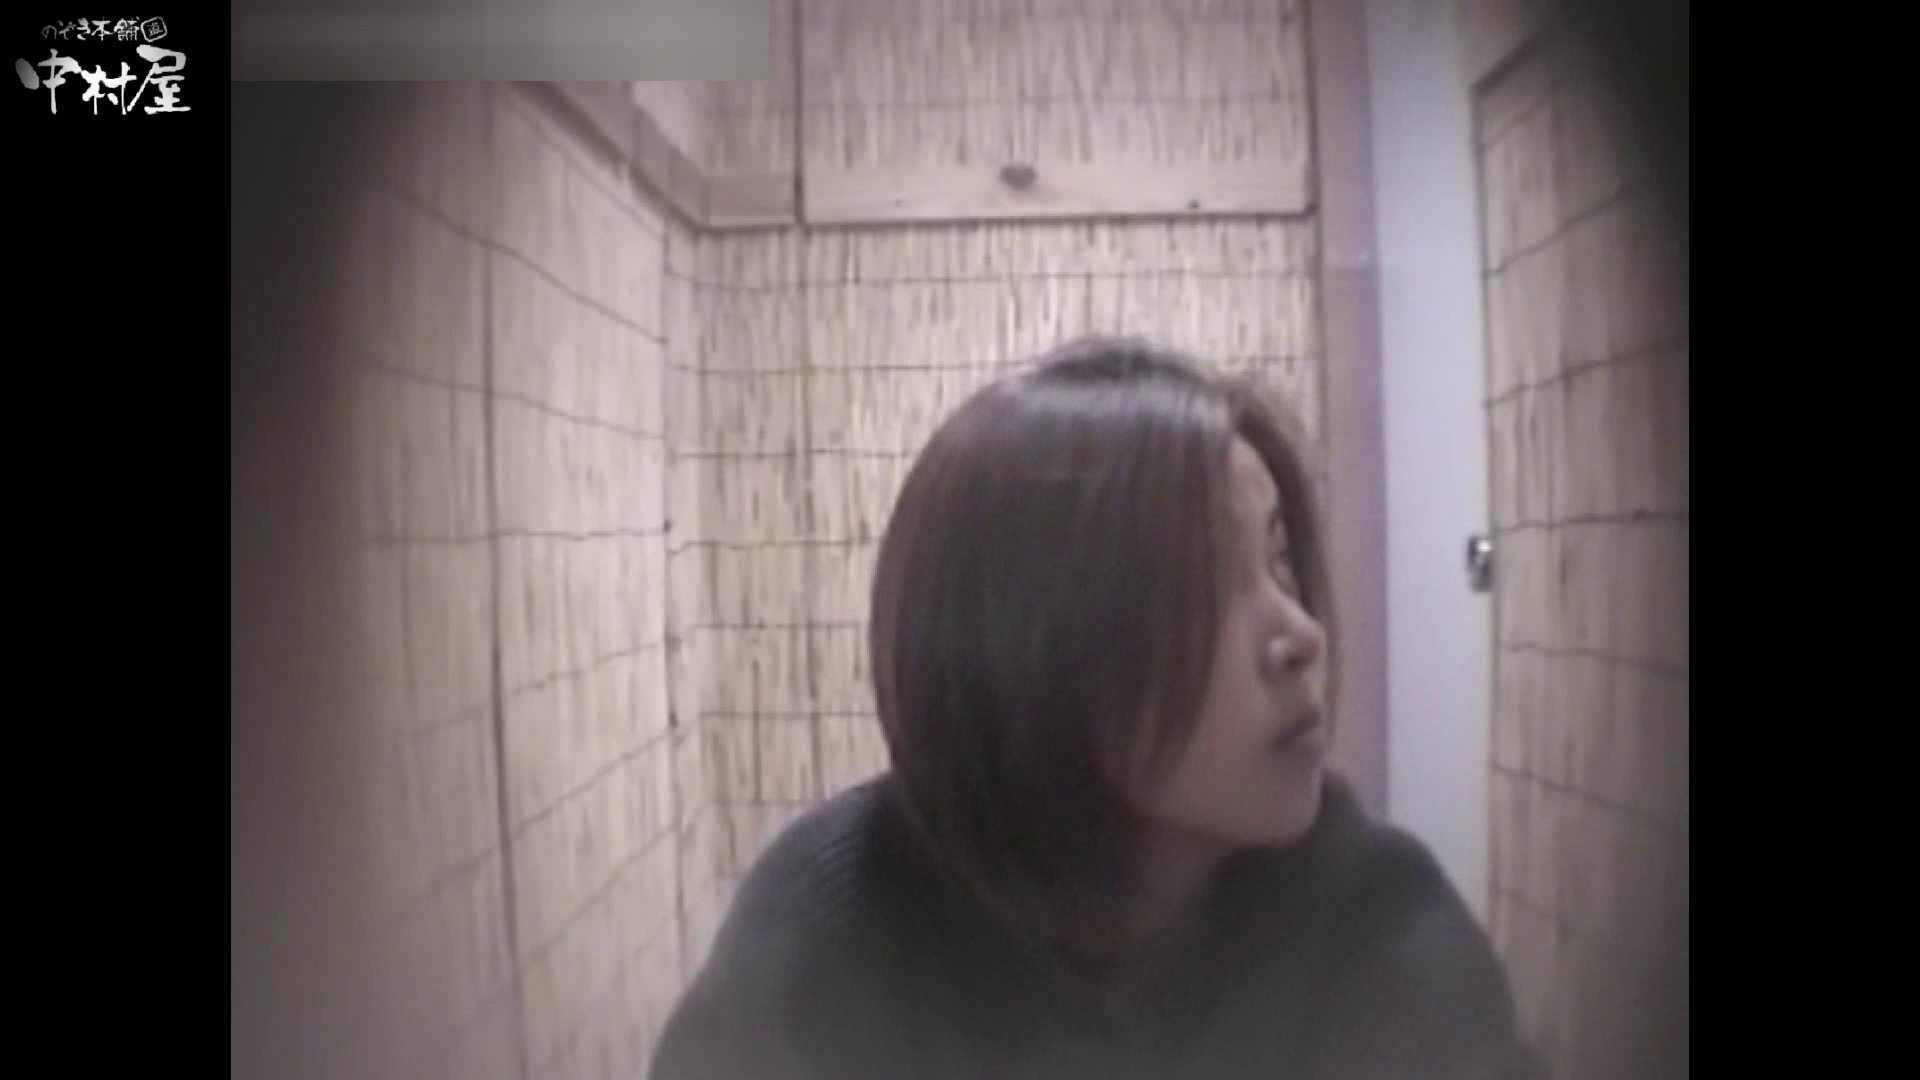 解禁!海の家4カメ洗面所vol.46 人気シリーズ  100PIX 69